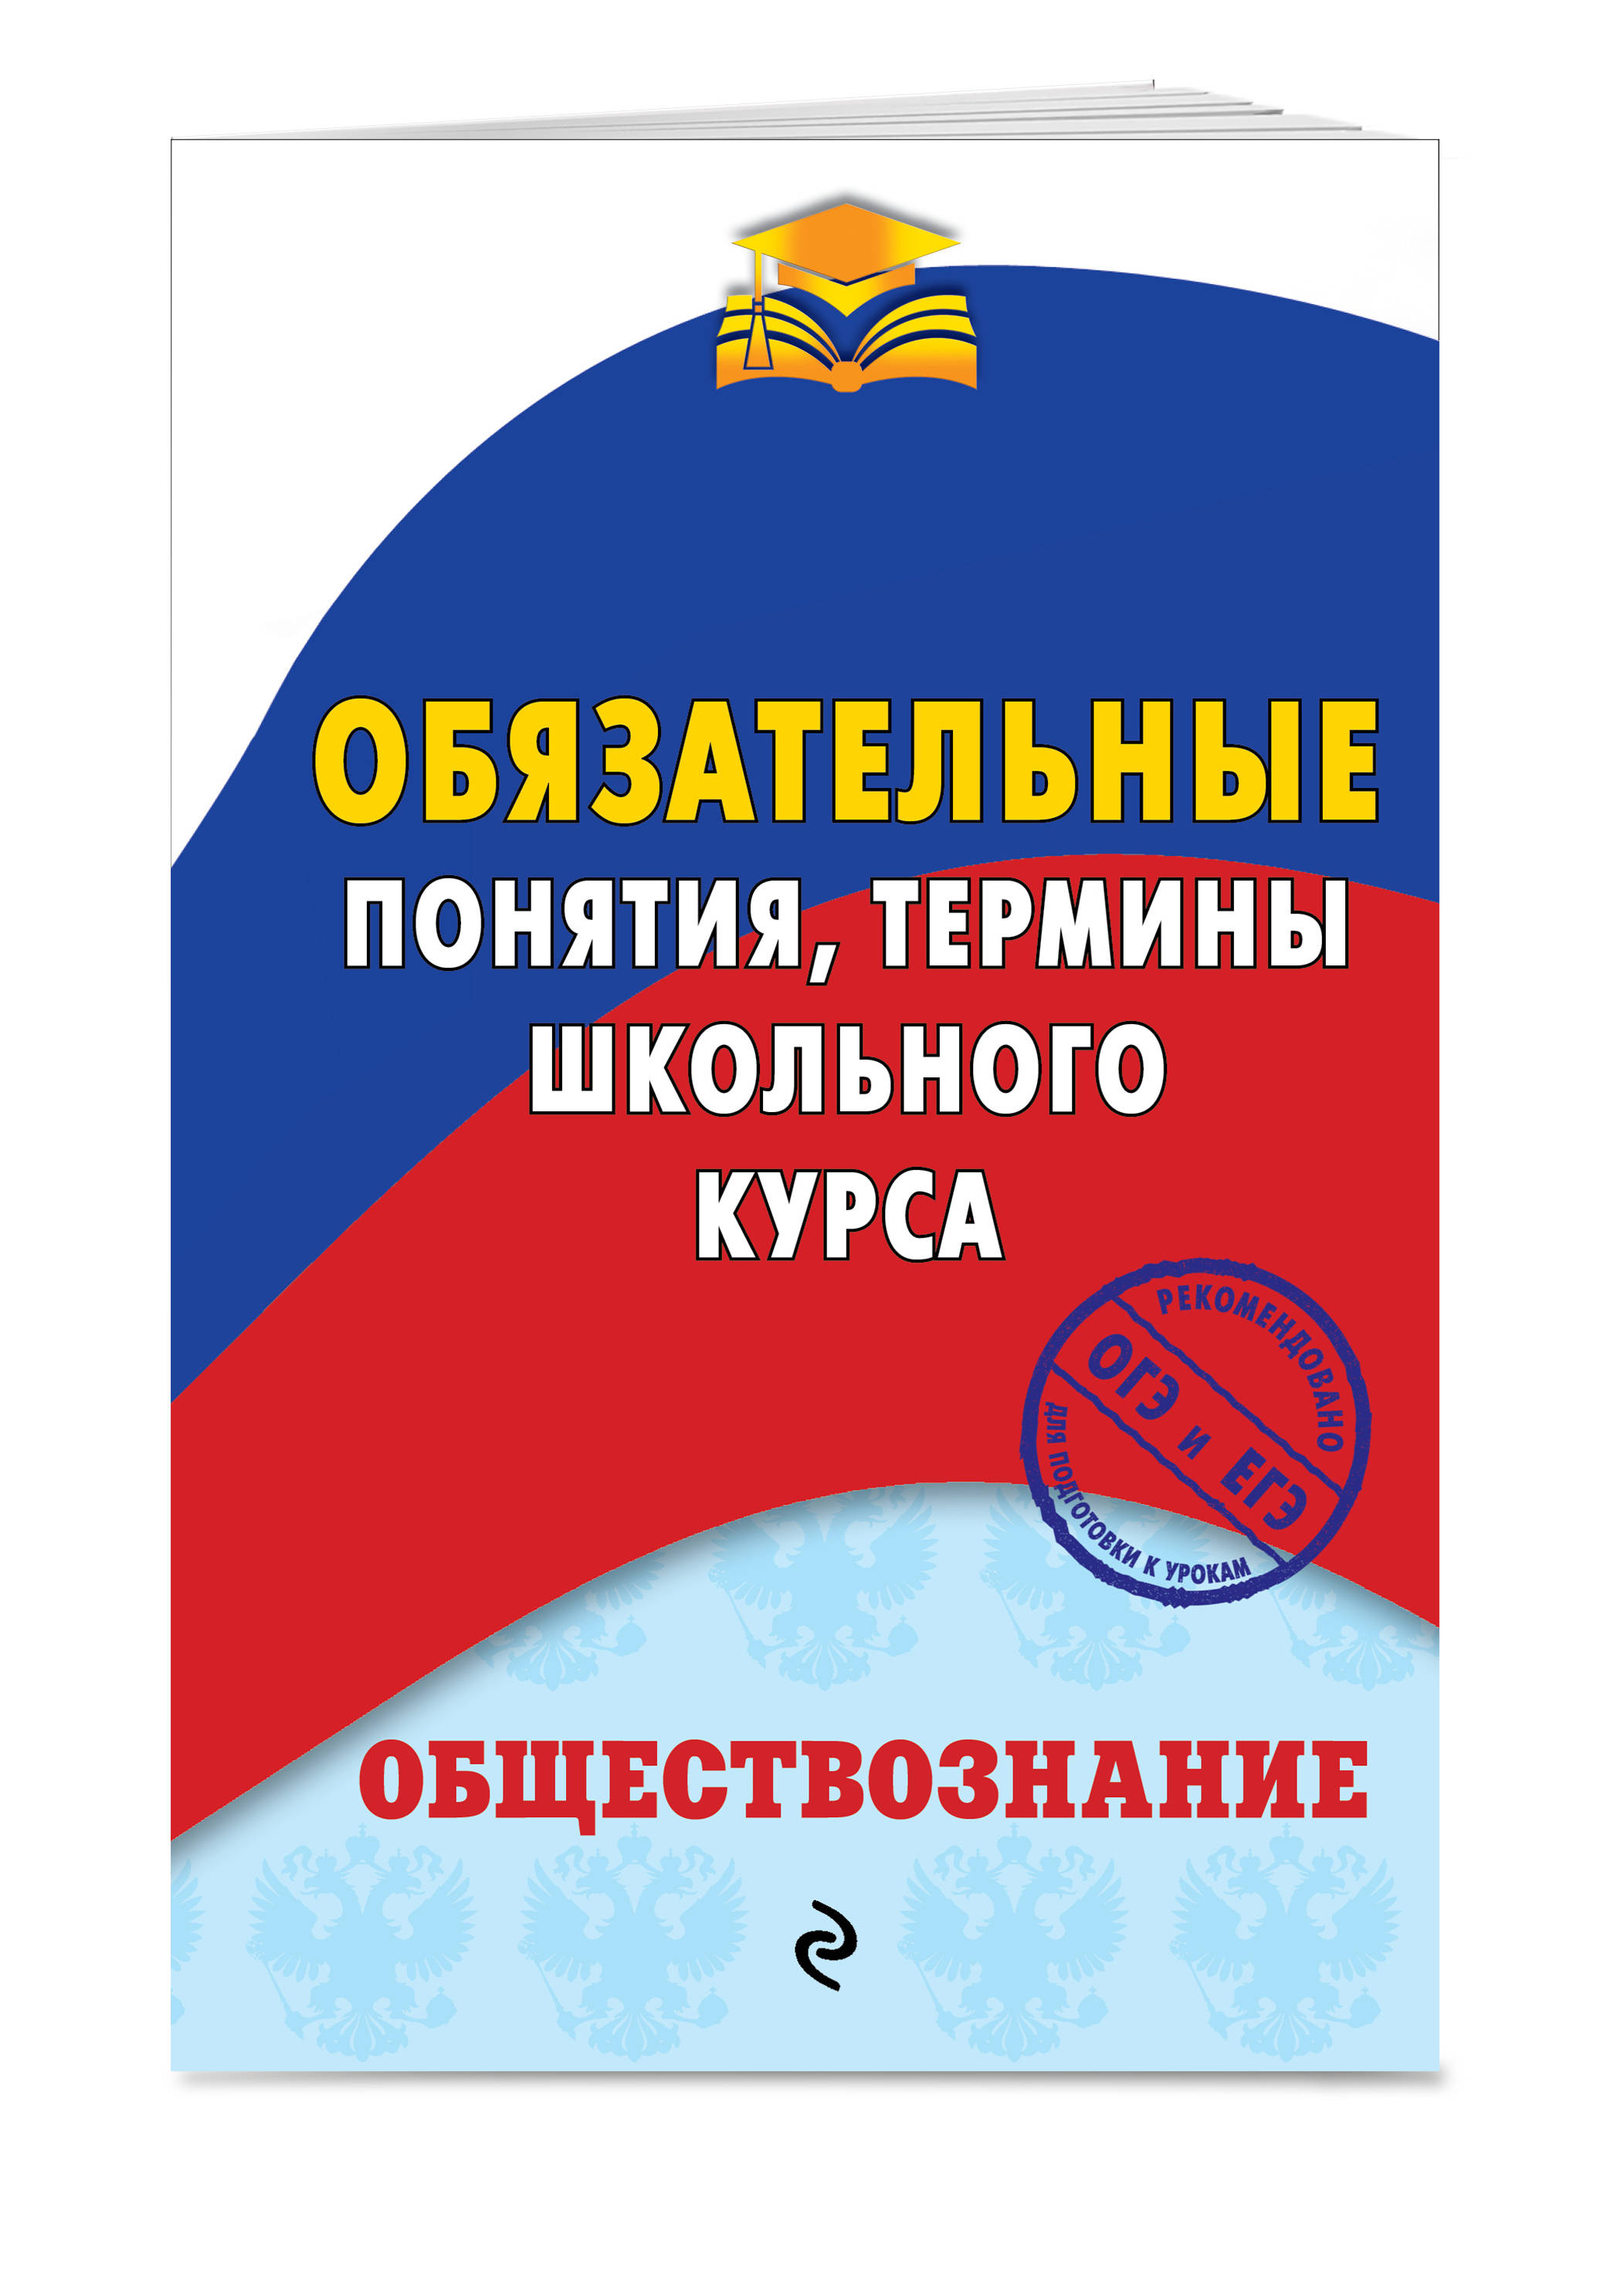 Обществознание. Обязательные понятия, термины школьного курса от book24.ru